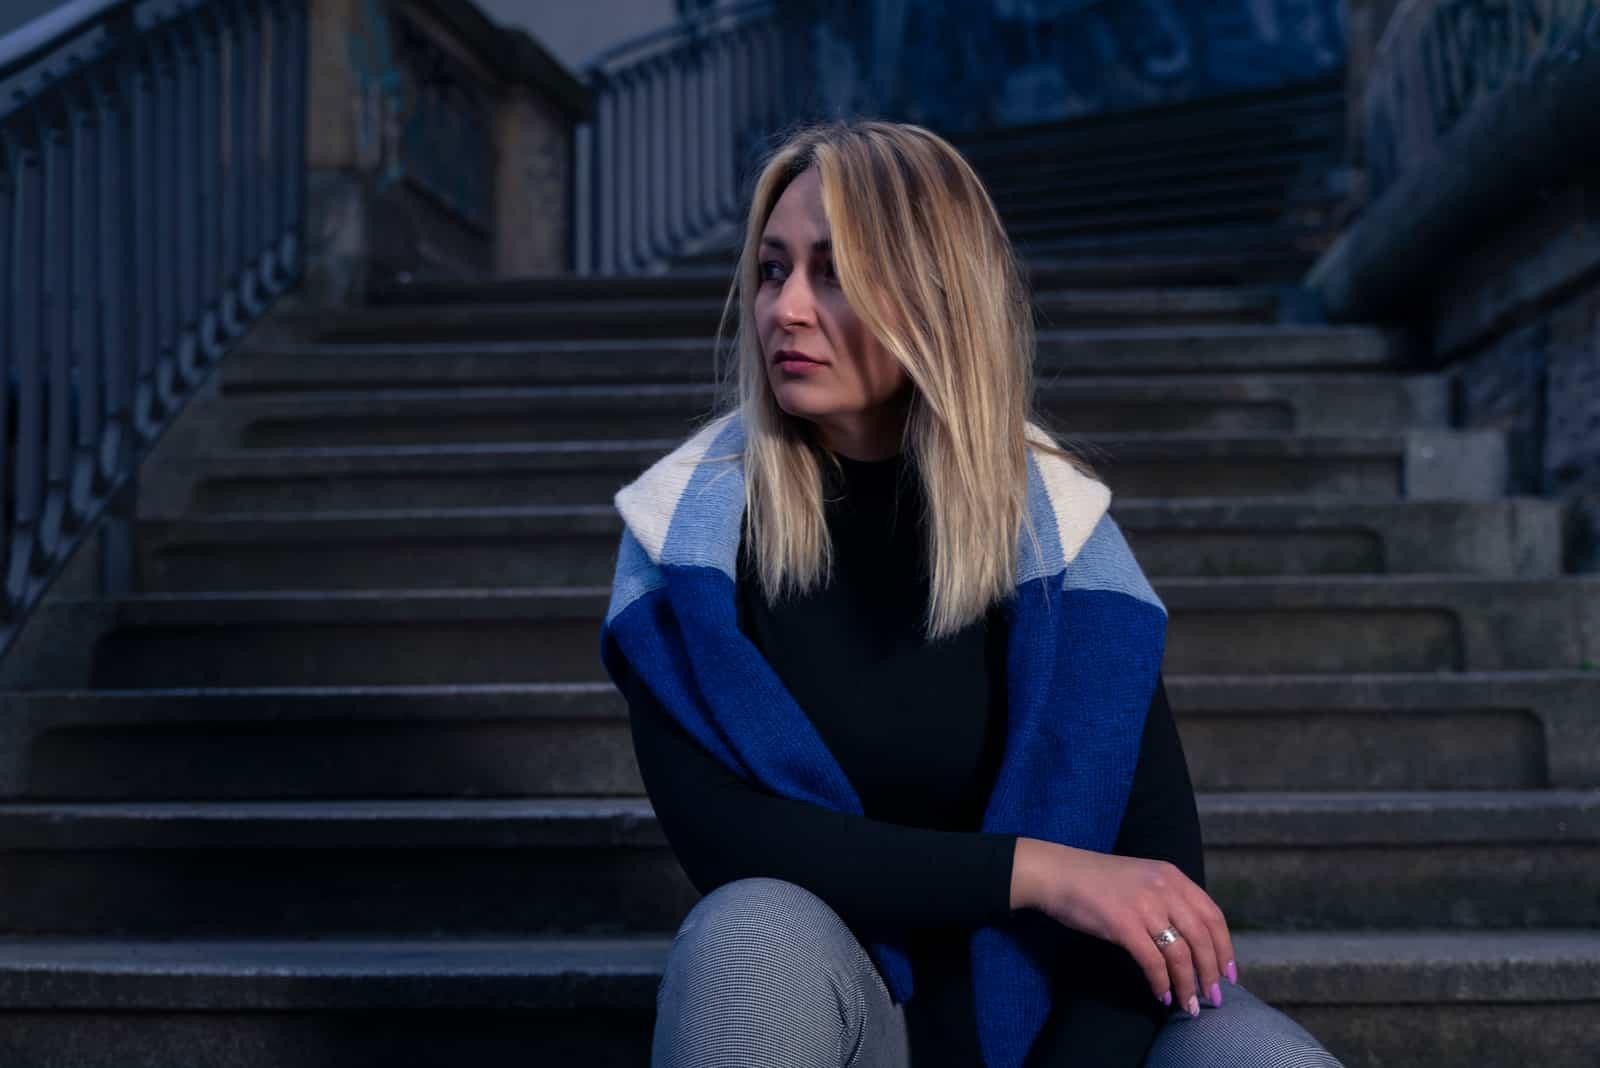 Draußen auf der Treppe sitzt eine traurige Blondine und denkt nach